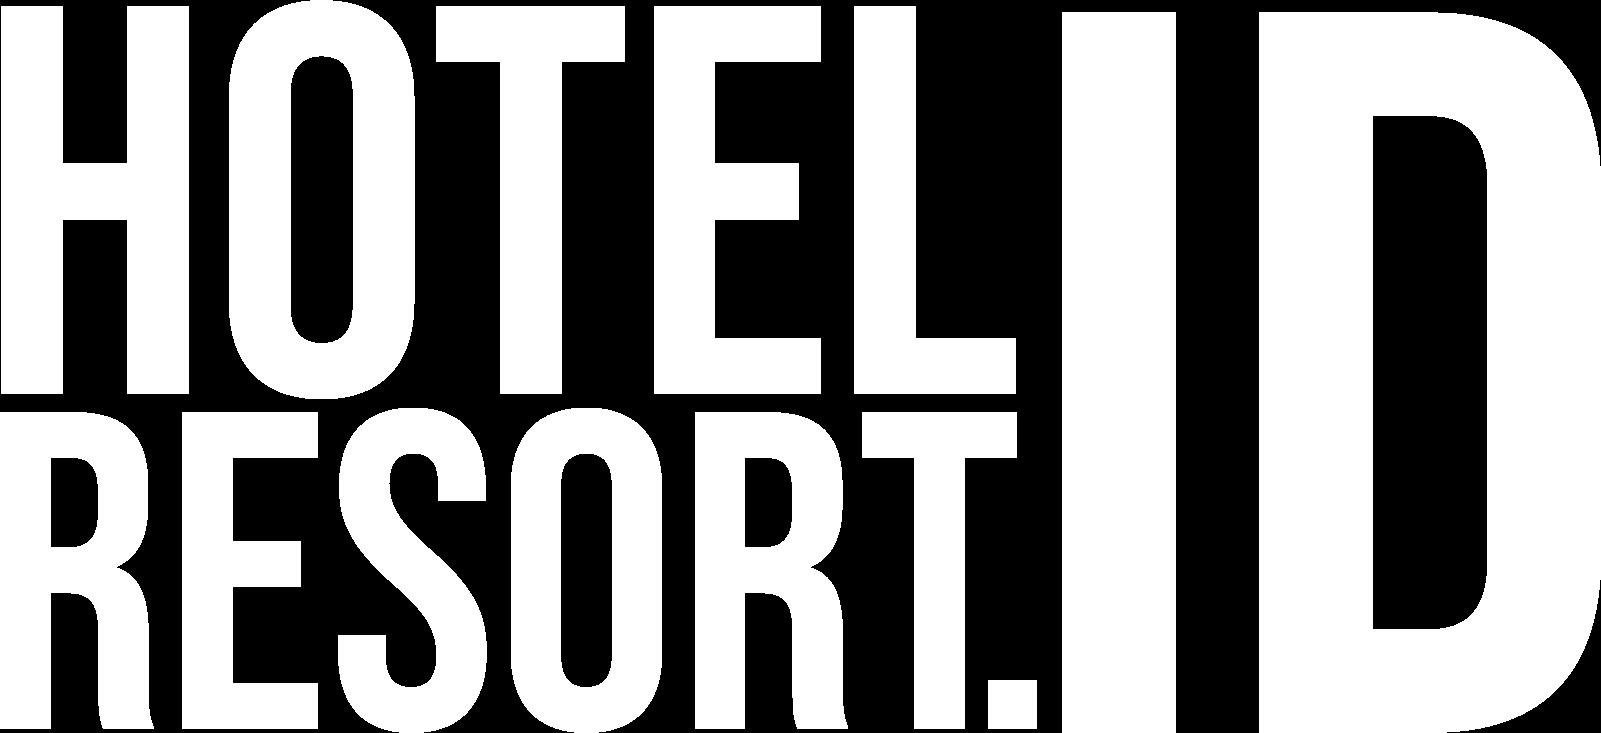 HOTELRESORT.ID